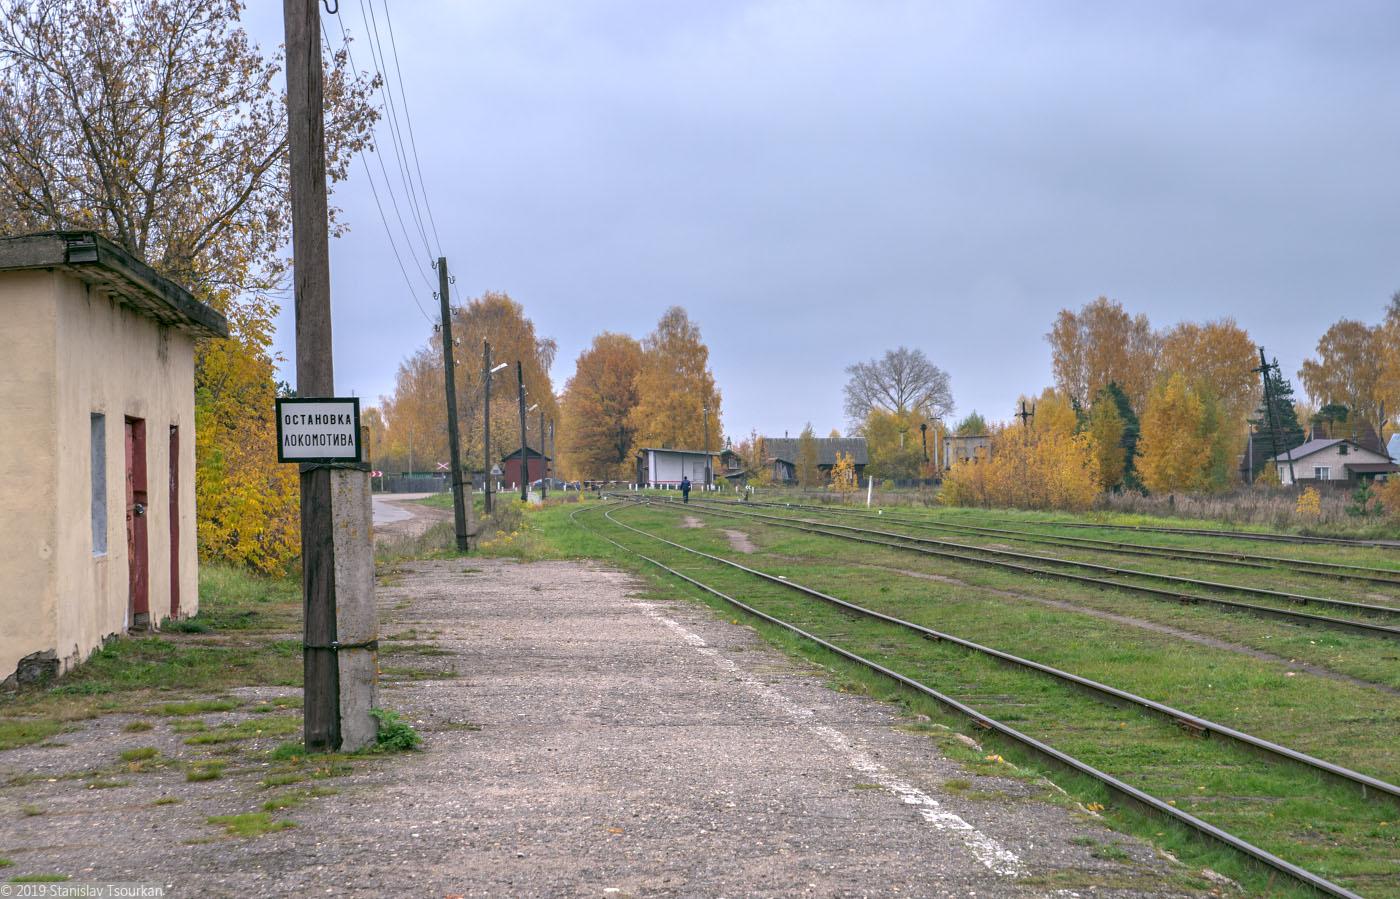 Весьегонск, Тверская область, ж/д, железная дорога, станция Весьегонск, остановка локомотива